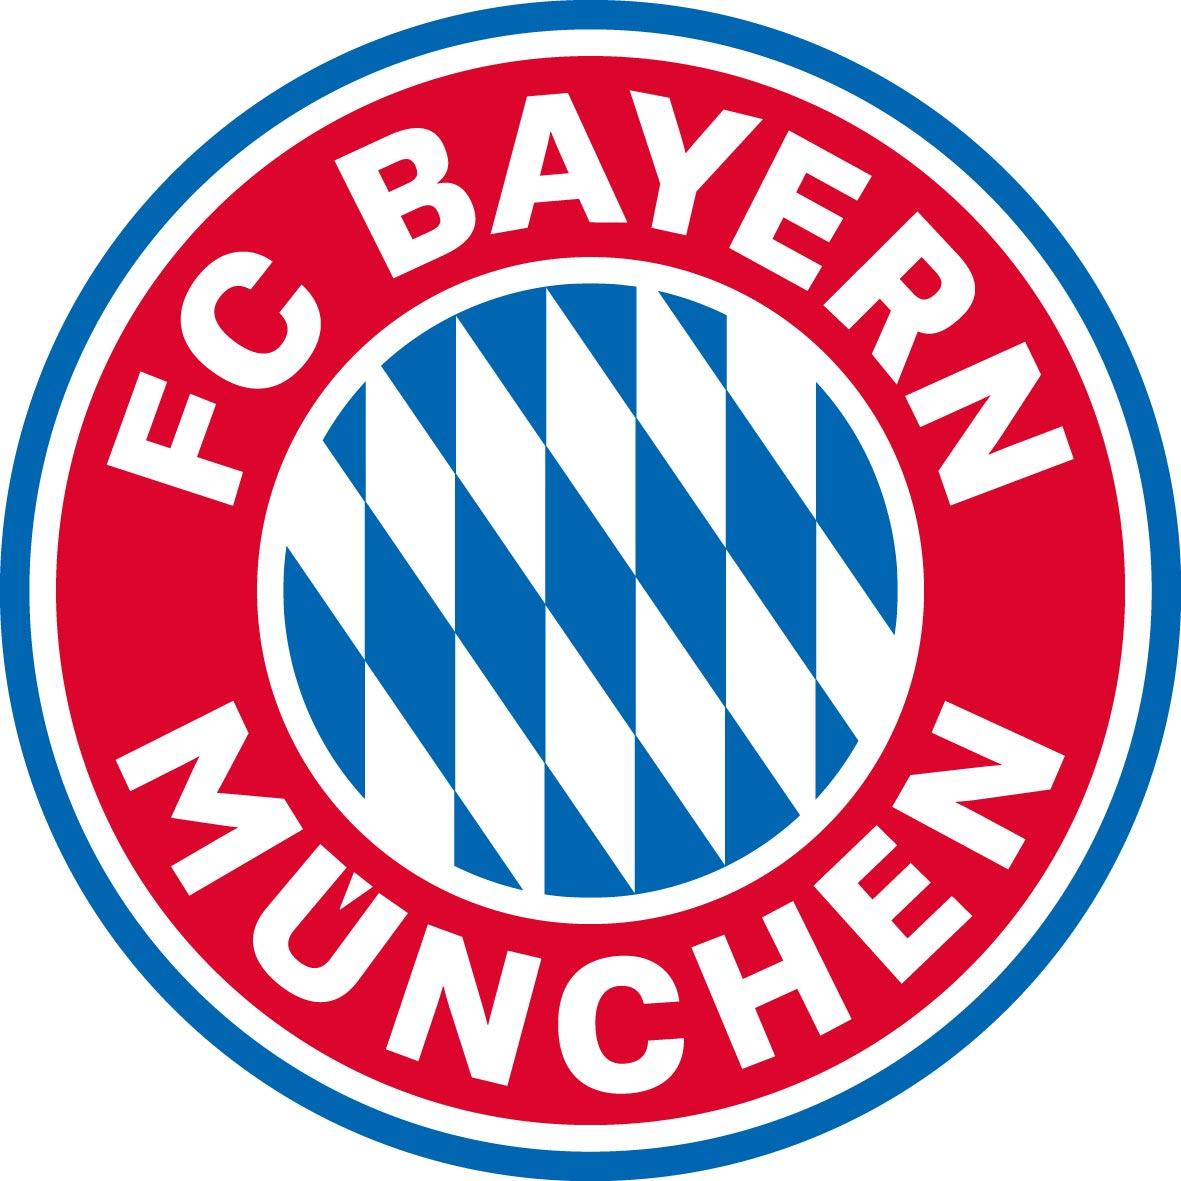 Neues Logo des FC Bayern München